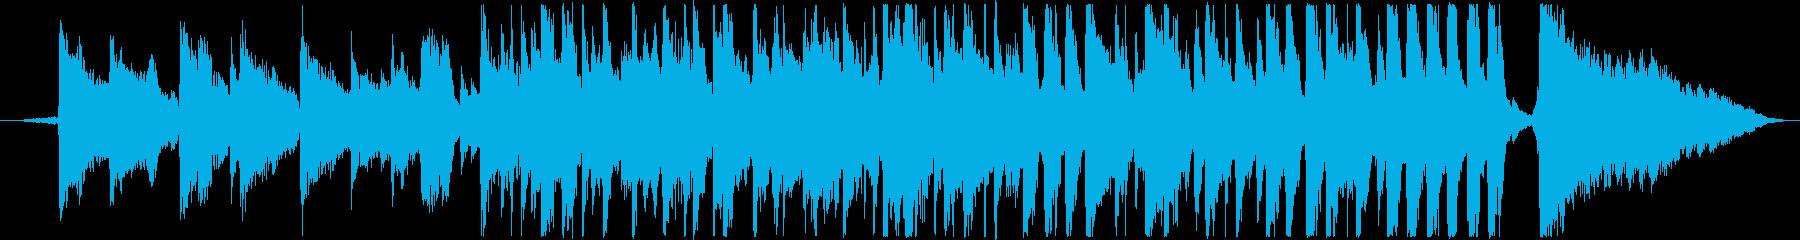 CM用2、ジャズ、明るく温かい、30秒の再生済みの波形